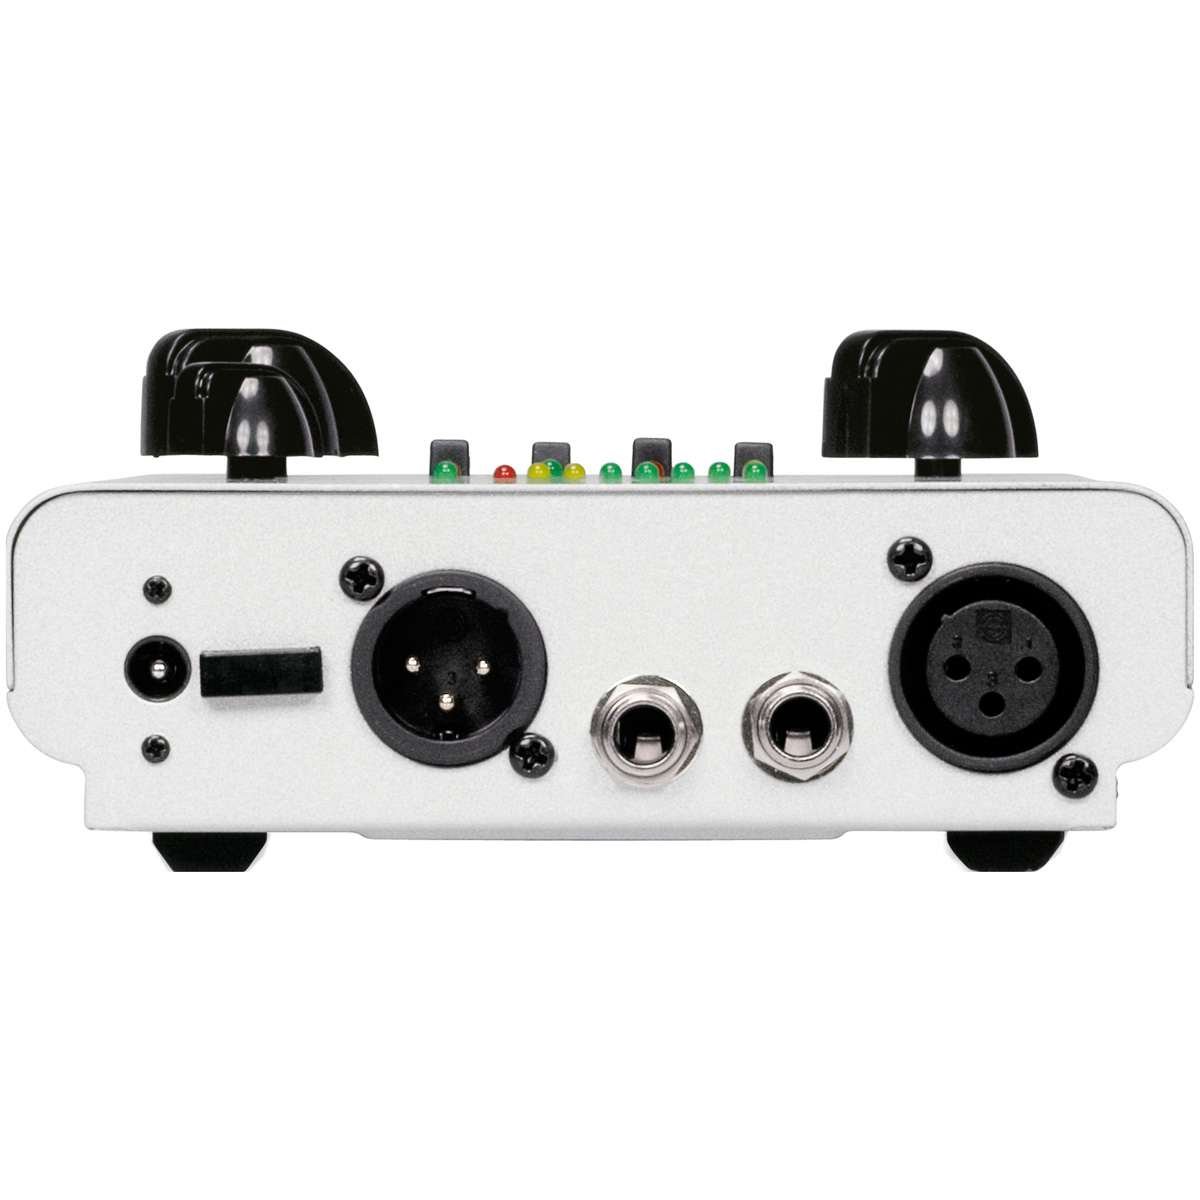 Pré Amplificador Valvulado MIC 200 - Behringer